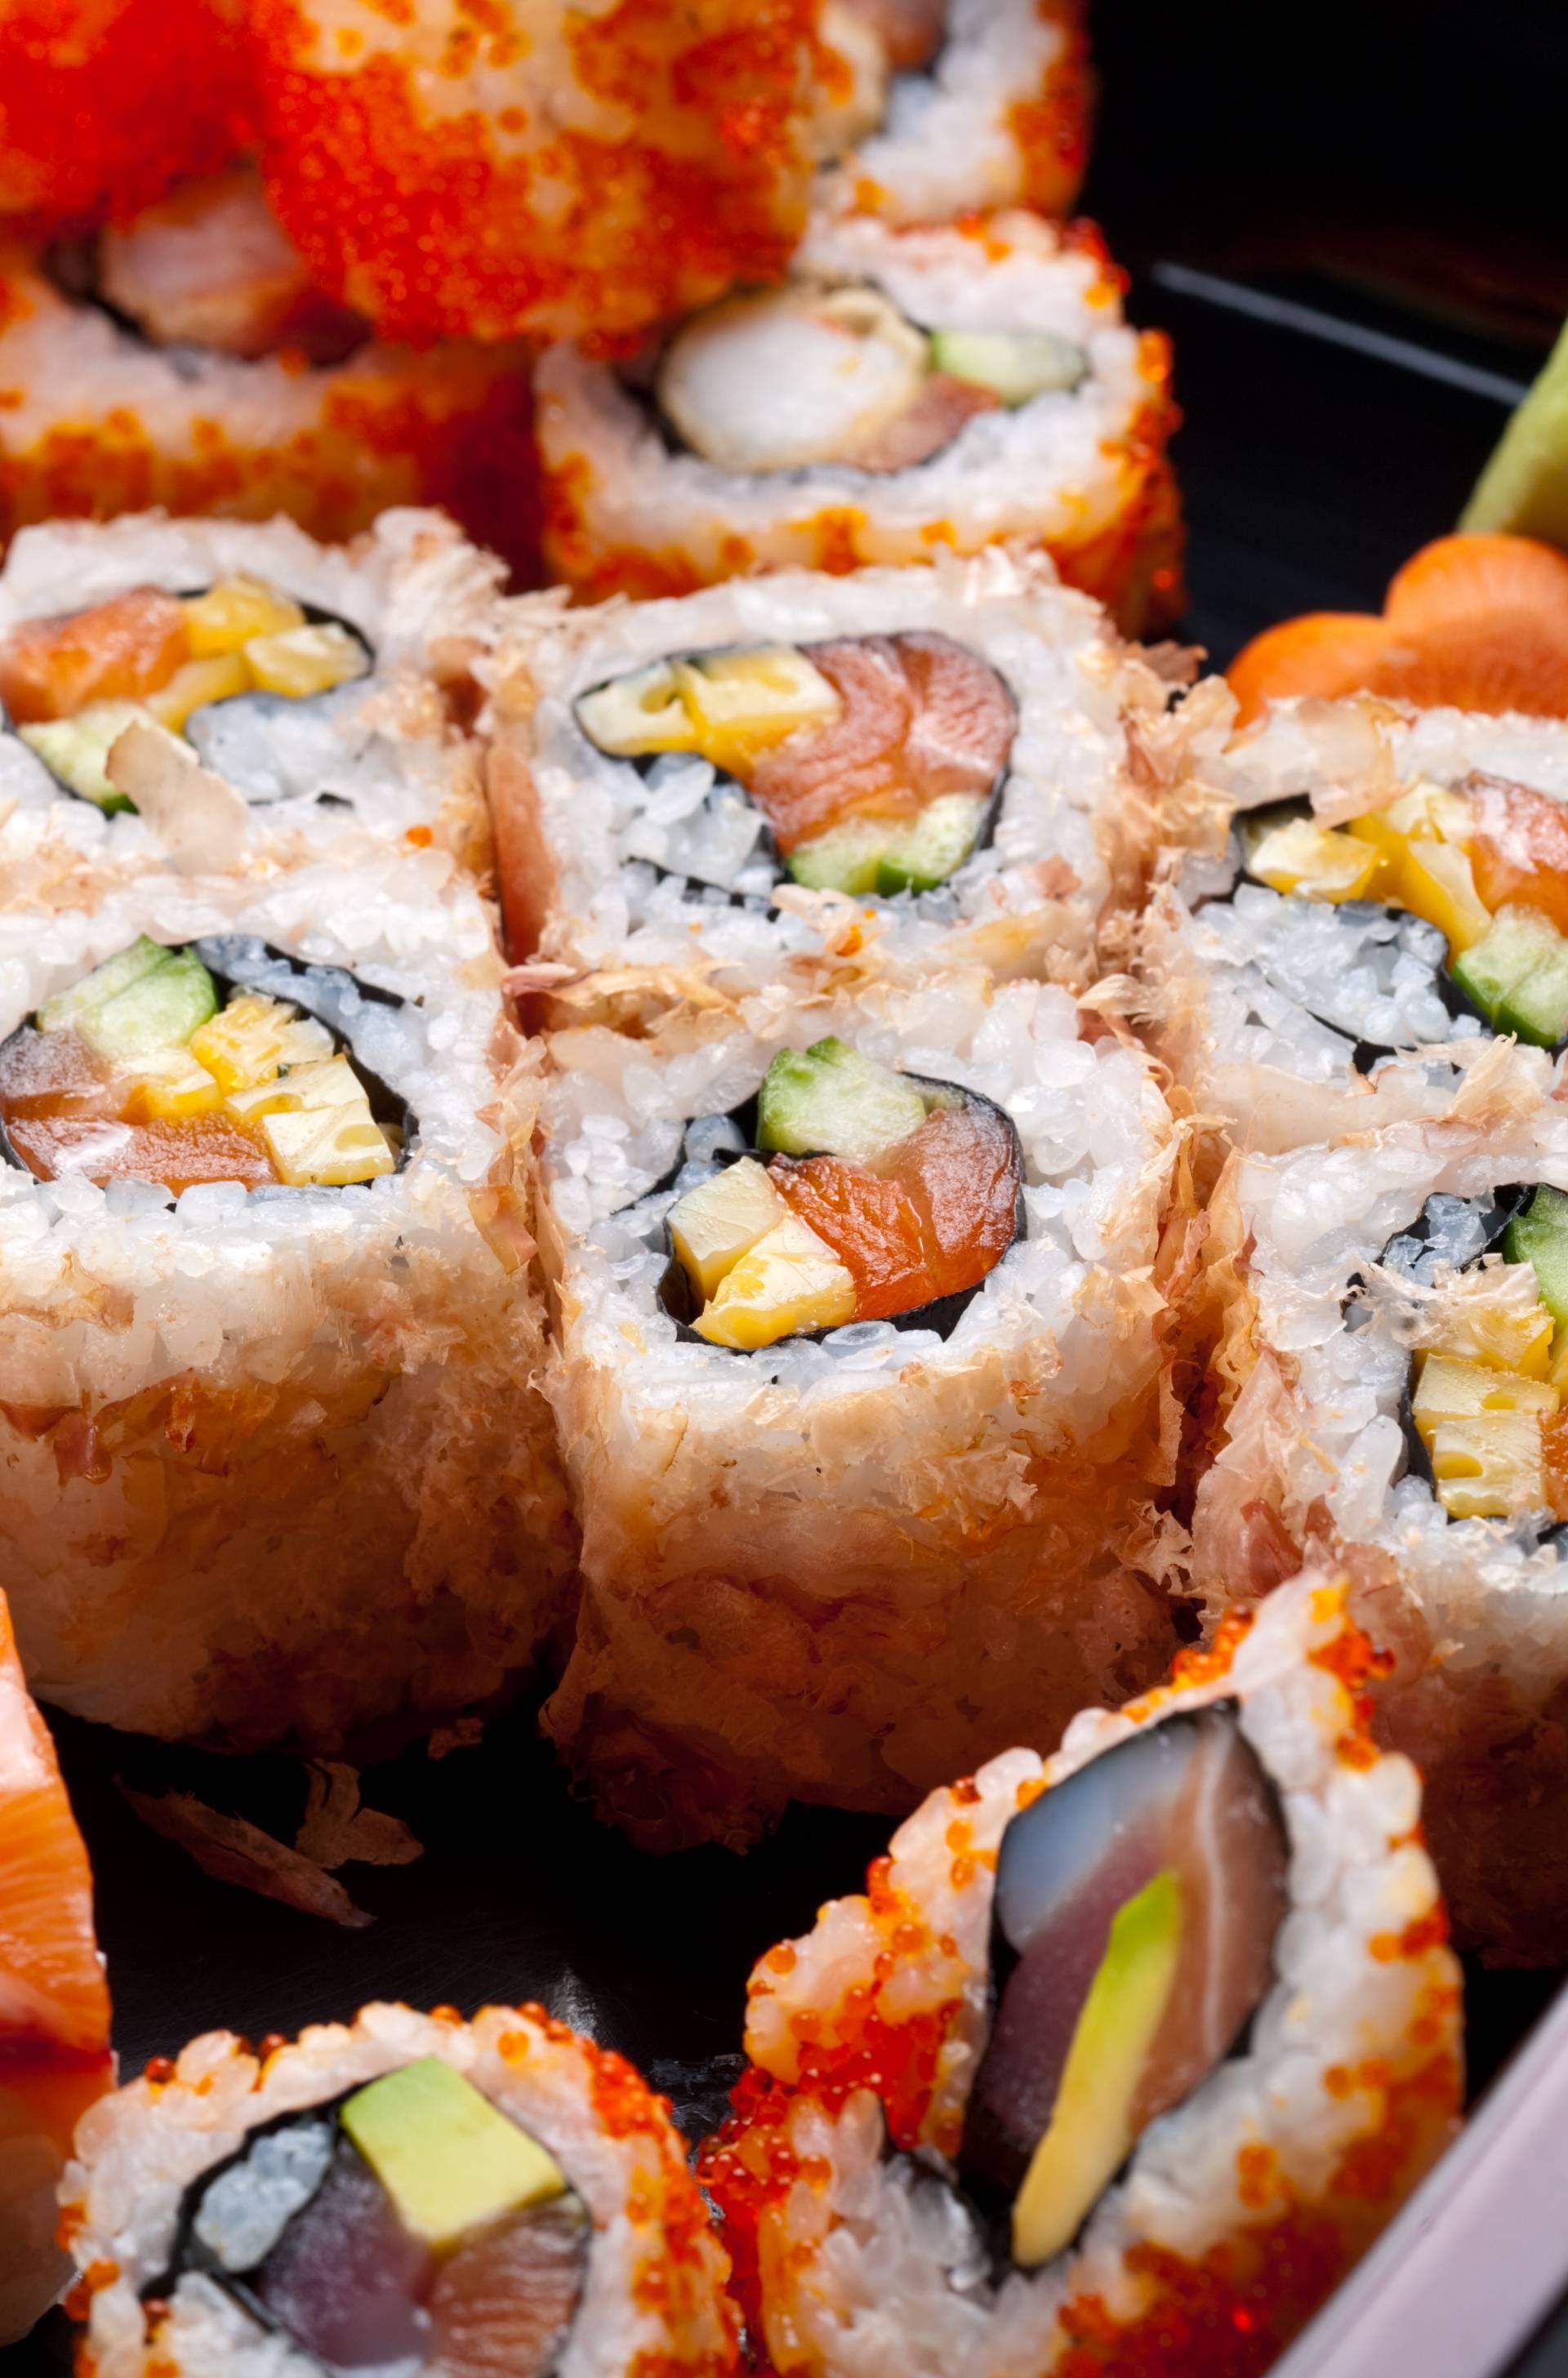 Provjerite kako na pravi način pojesti sushi i pri tom uživati